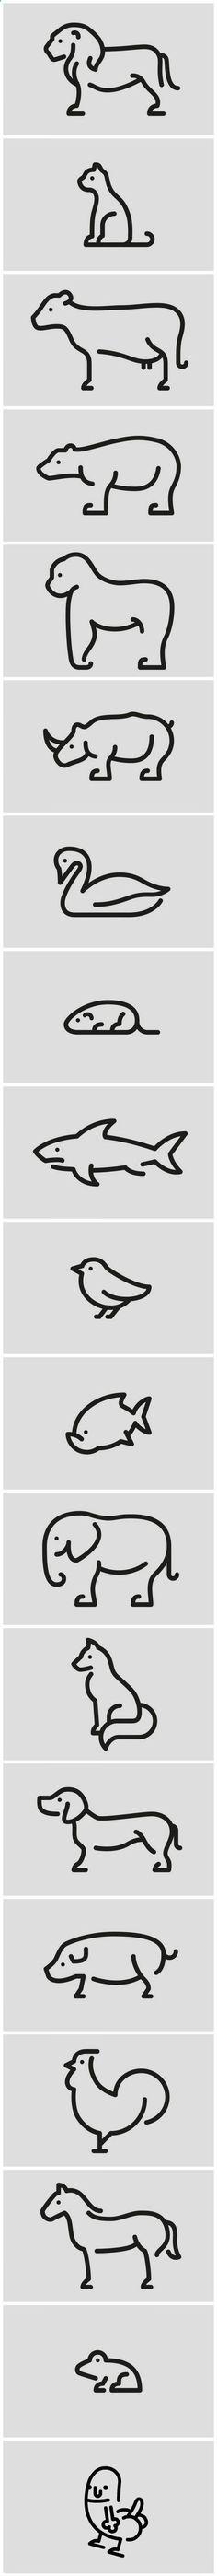 Tiere ganz einfach zeichnen | Webfail - Fail Bilder und Fail Videos